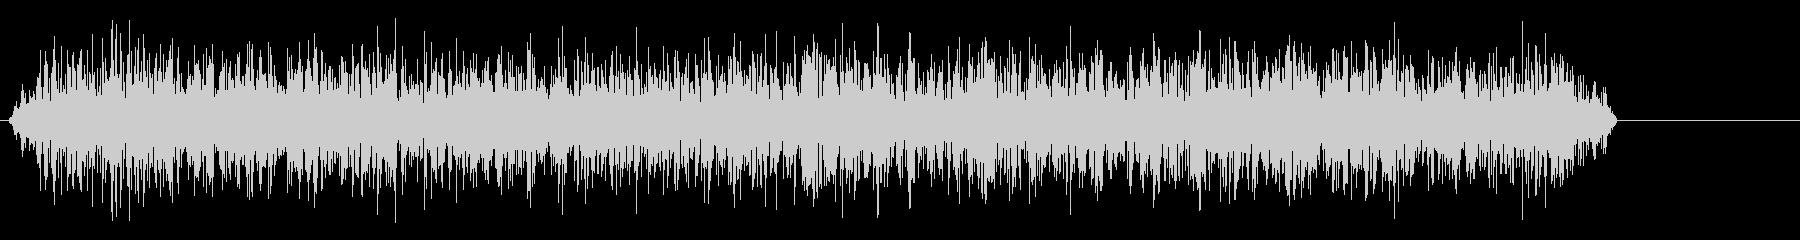 色調ズーム-電波-高の未再生の波形